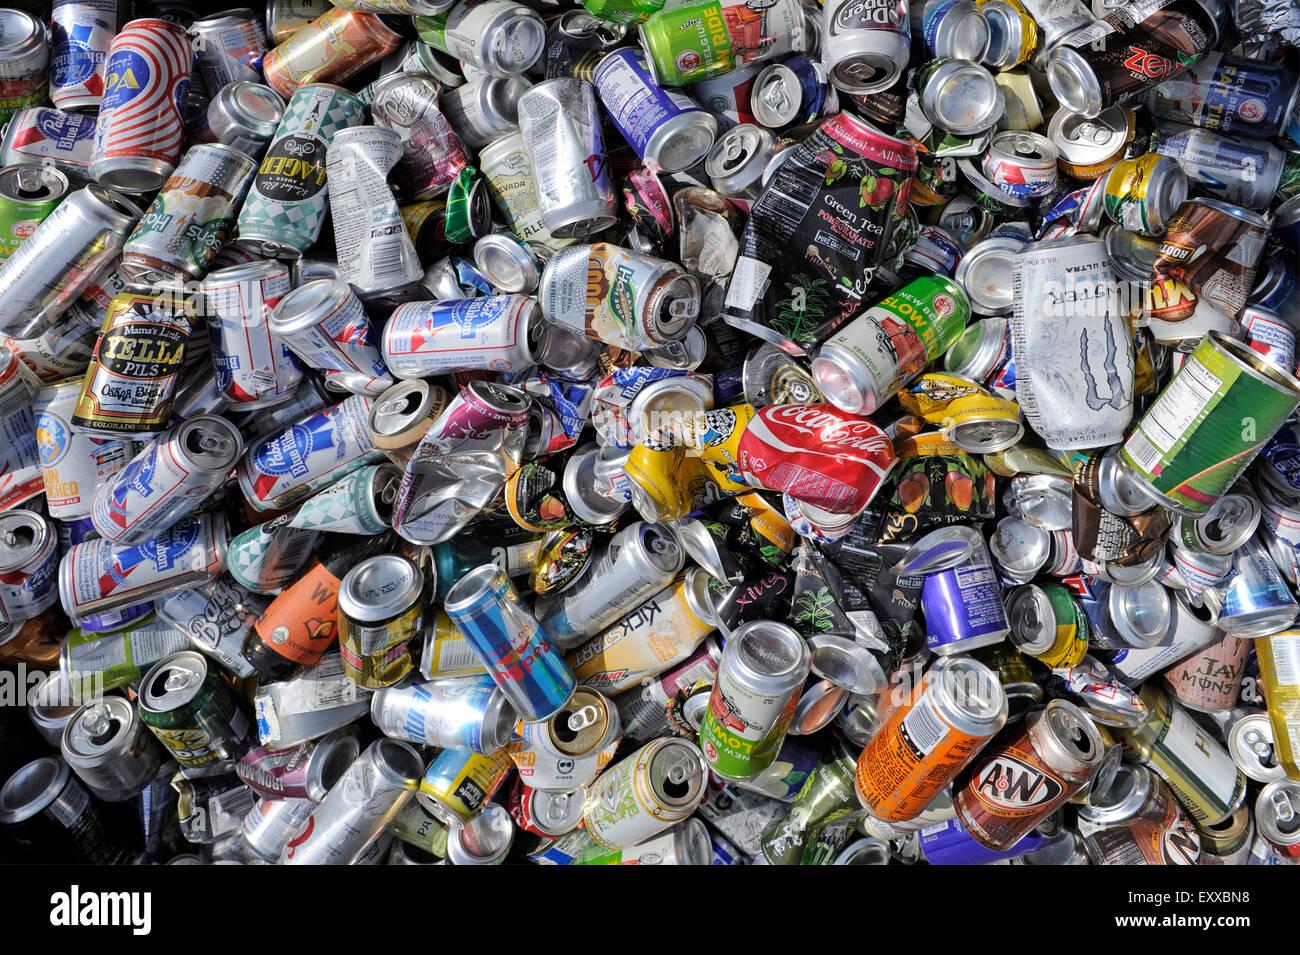 Moab, UT, USA - 4. Juni 2015: Leere Getränkedosen in einem am Straßenrand Behälter für die Wiederverwertung Stockbild